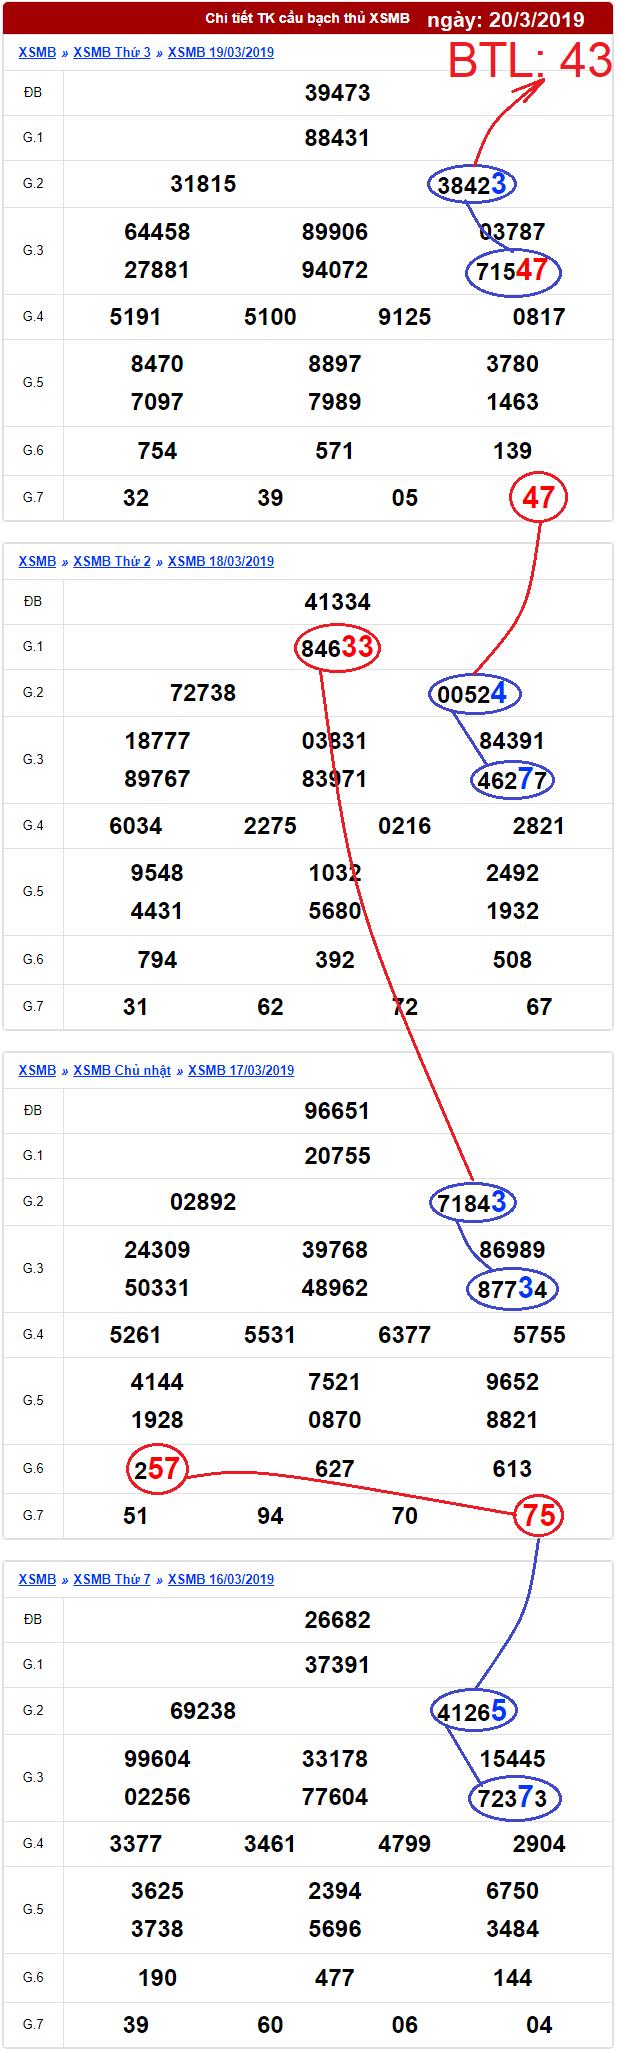 dự đoán xổ số bạch thủ lô ngày 20/3/2019